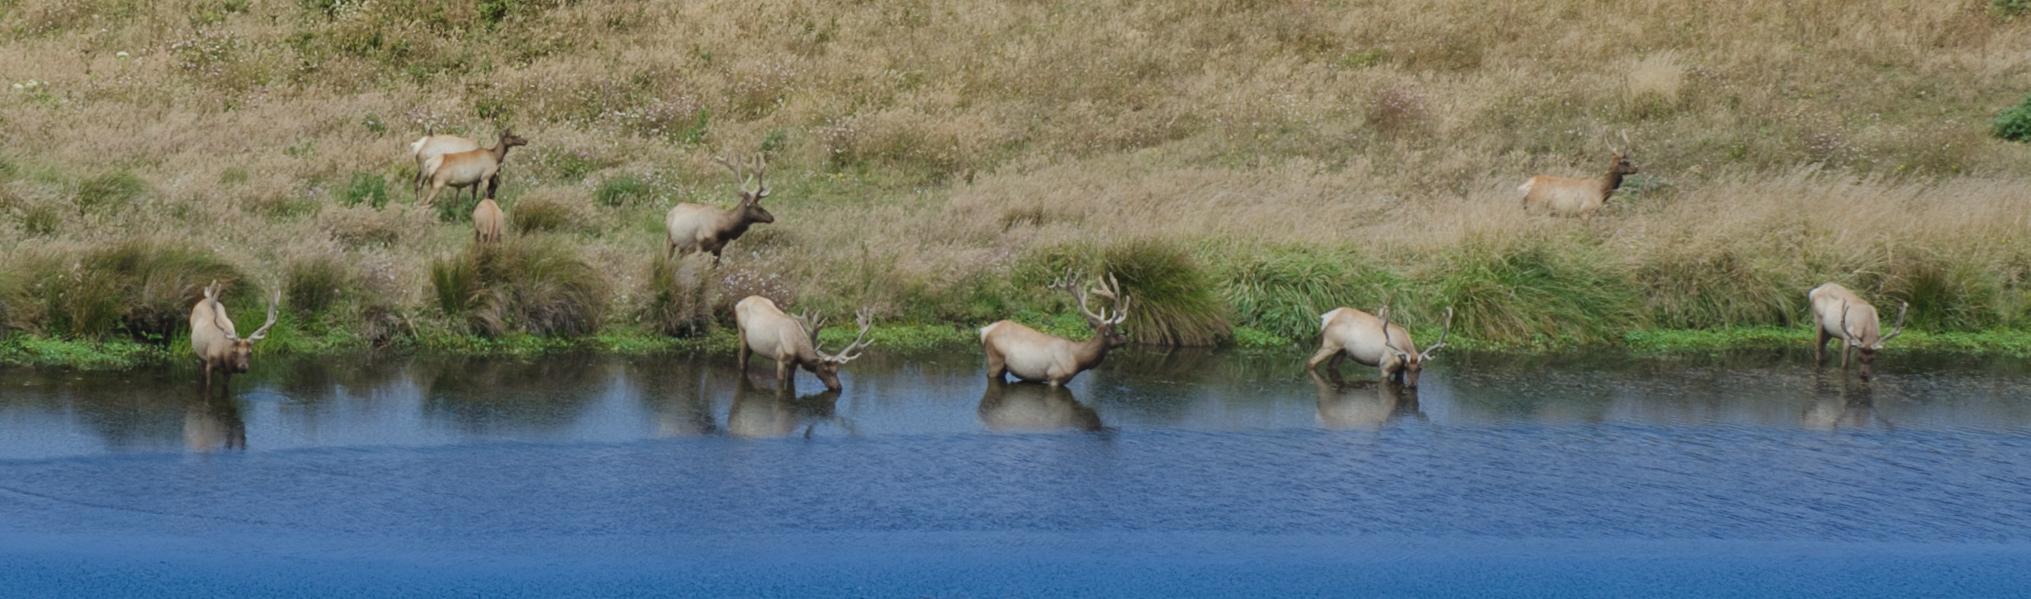 Tule elk (Cervus canadensis nannodes)